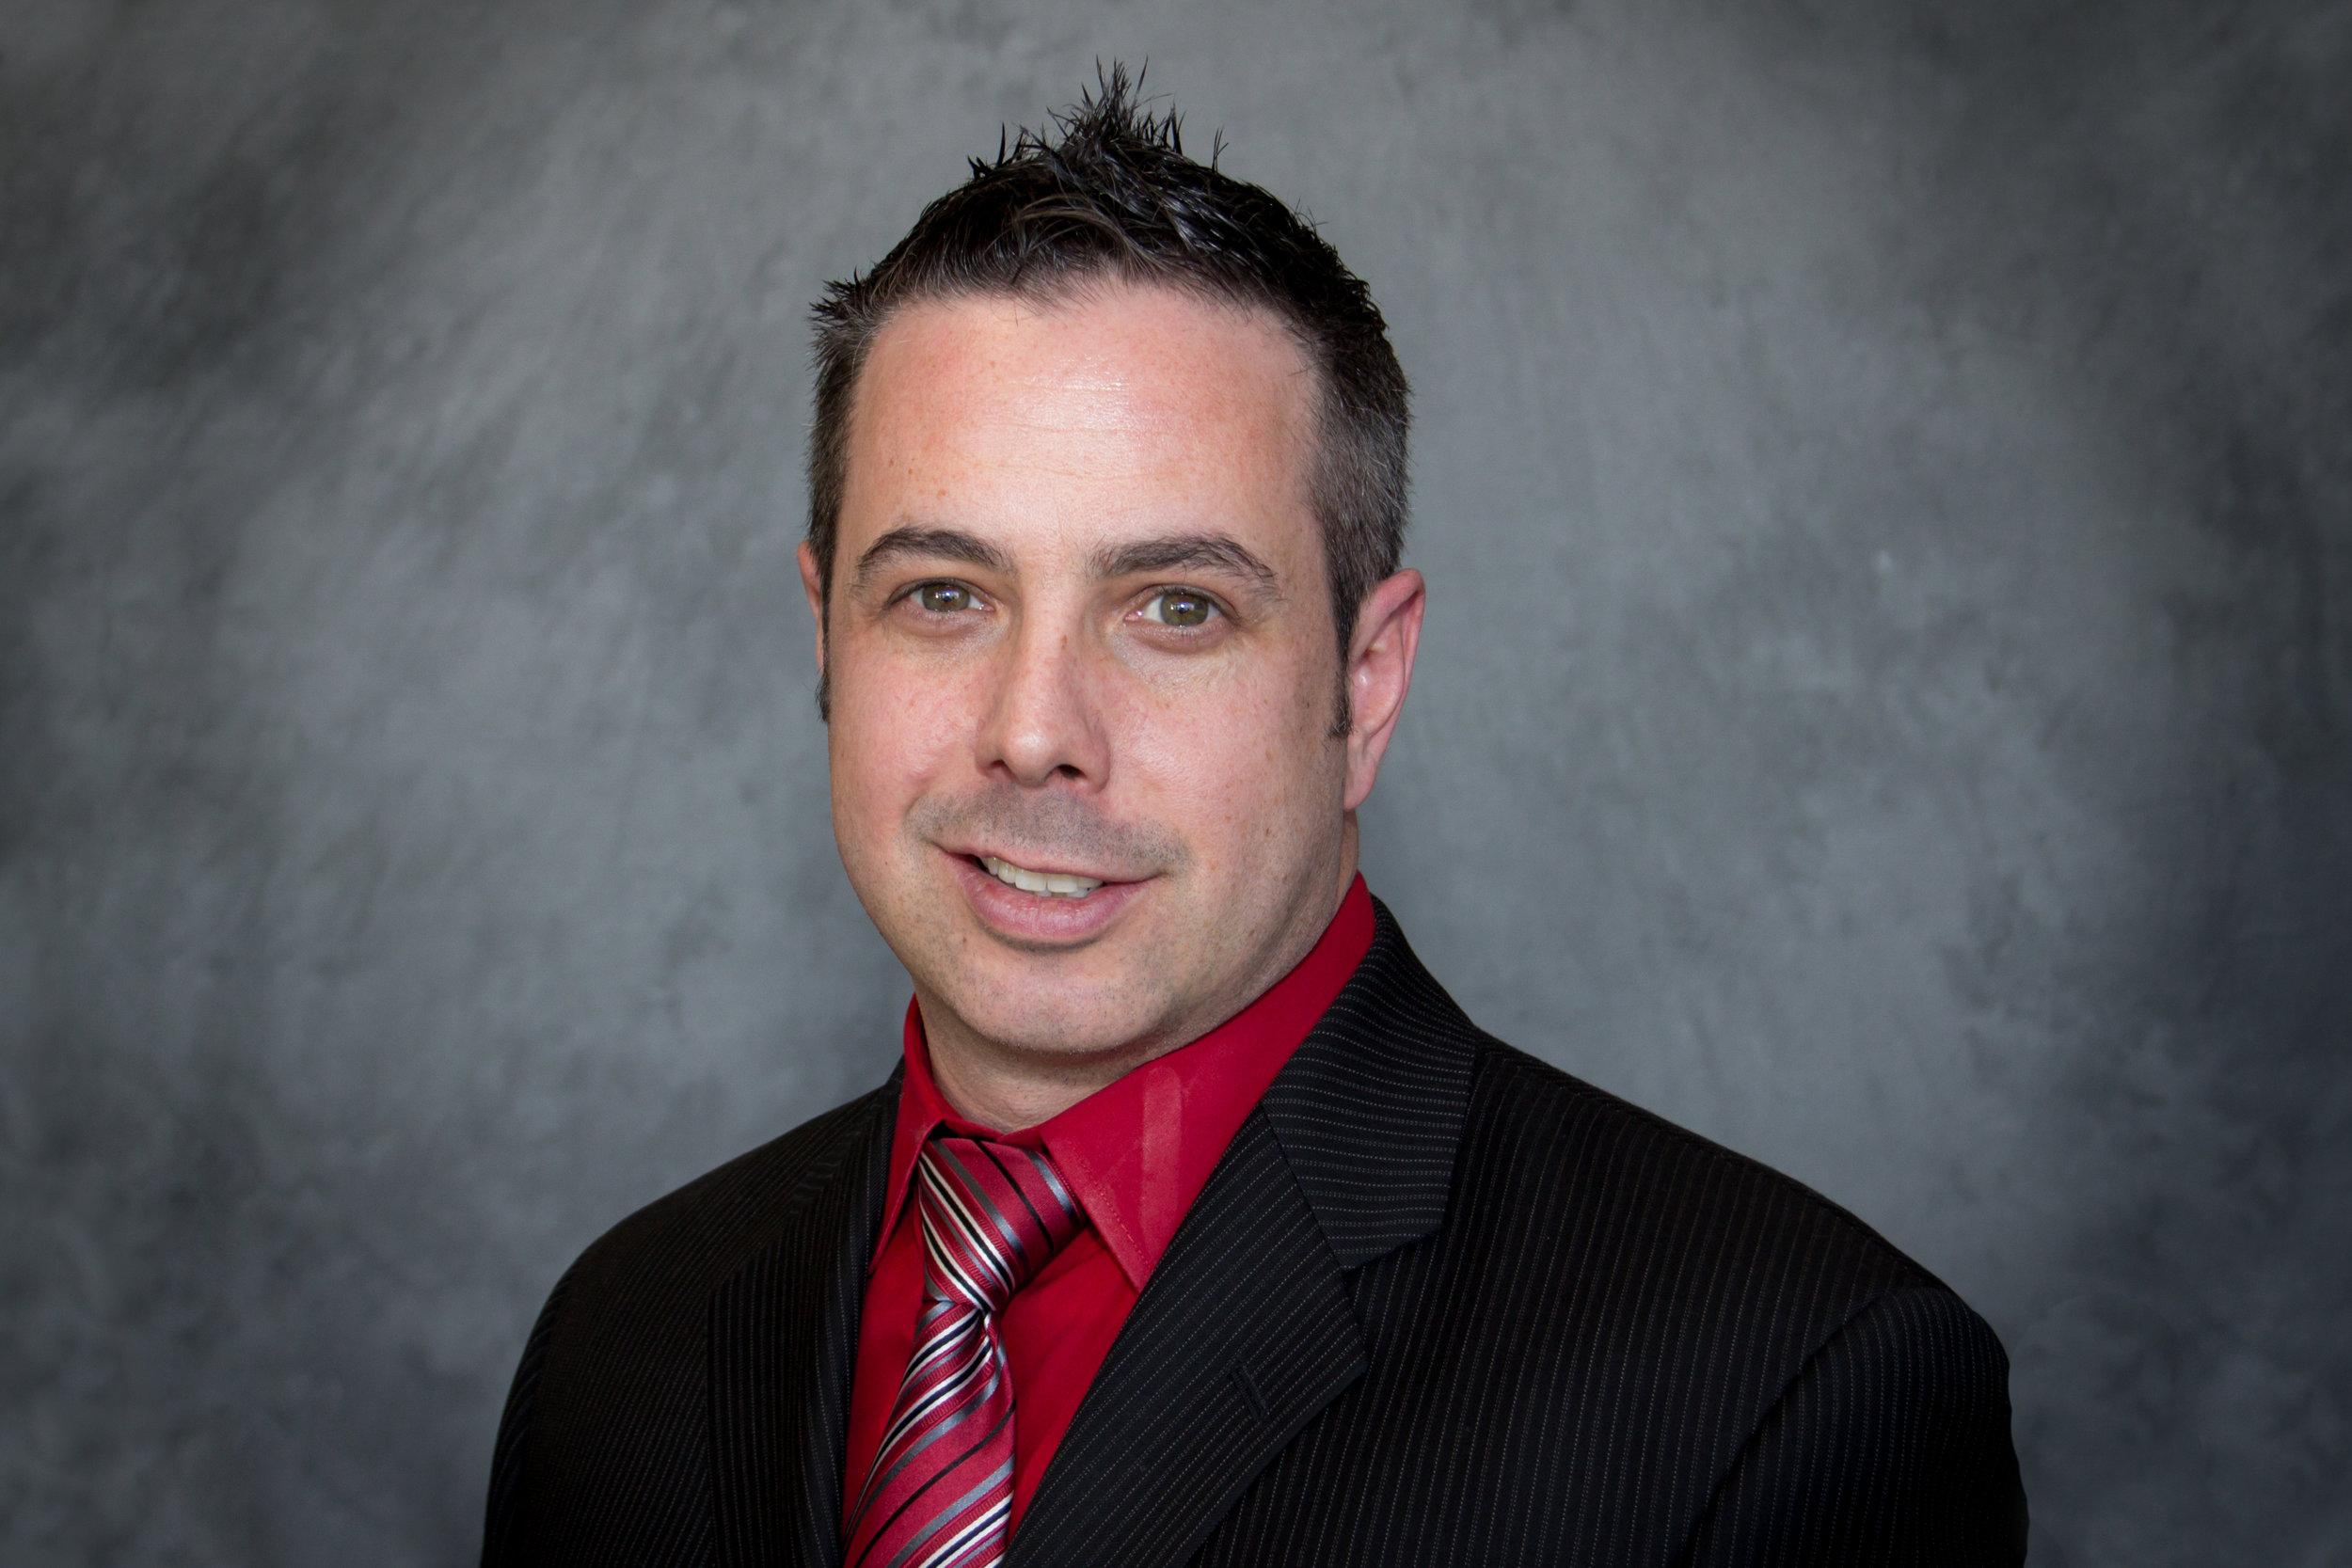 Anthony Pirie, DC - Elite Rehabilitation Institute